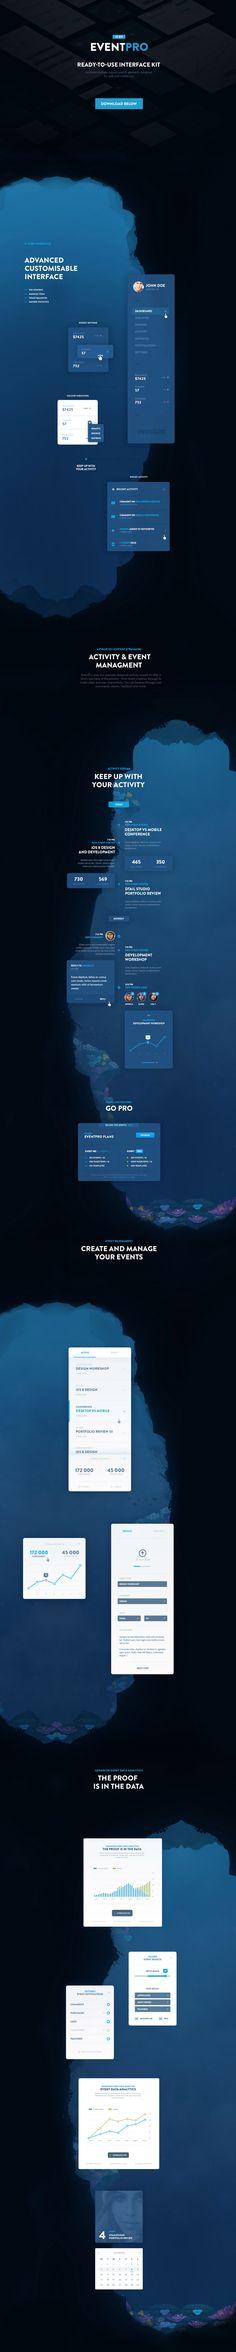 EventPro UI Kit - Free Download